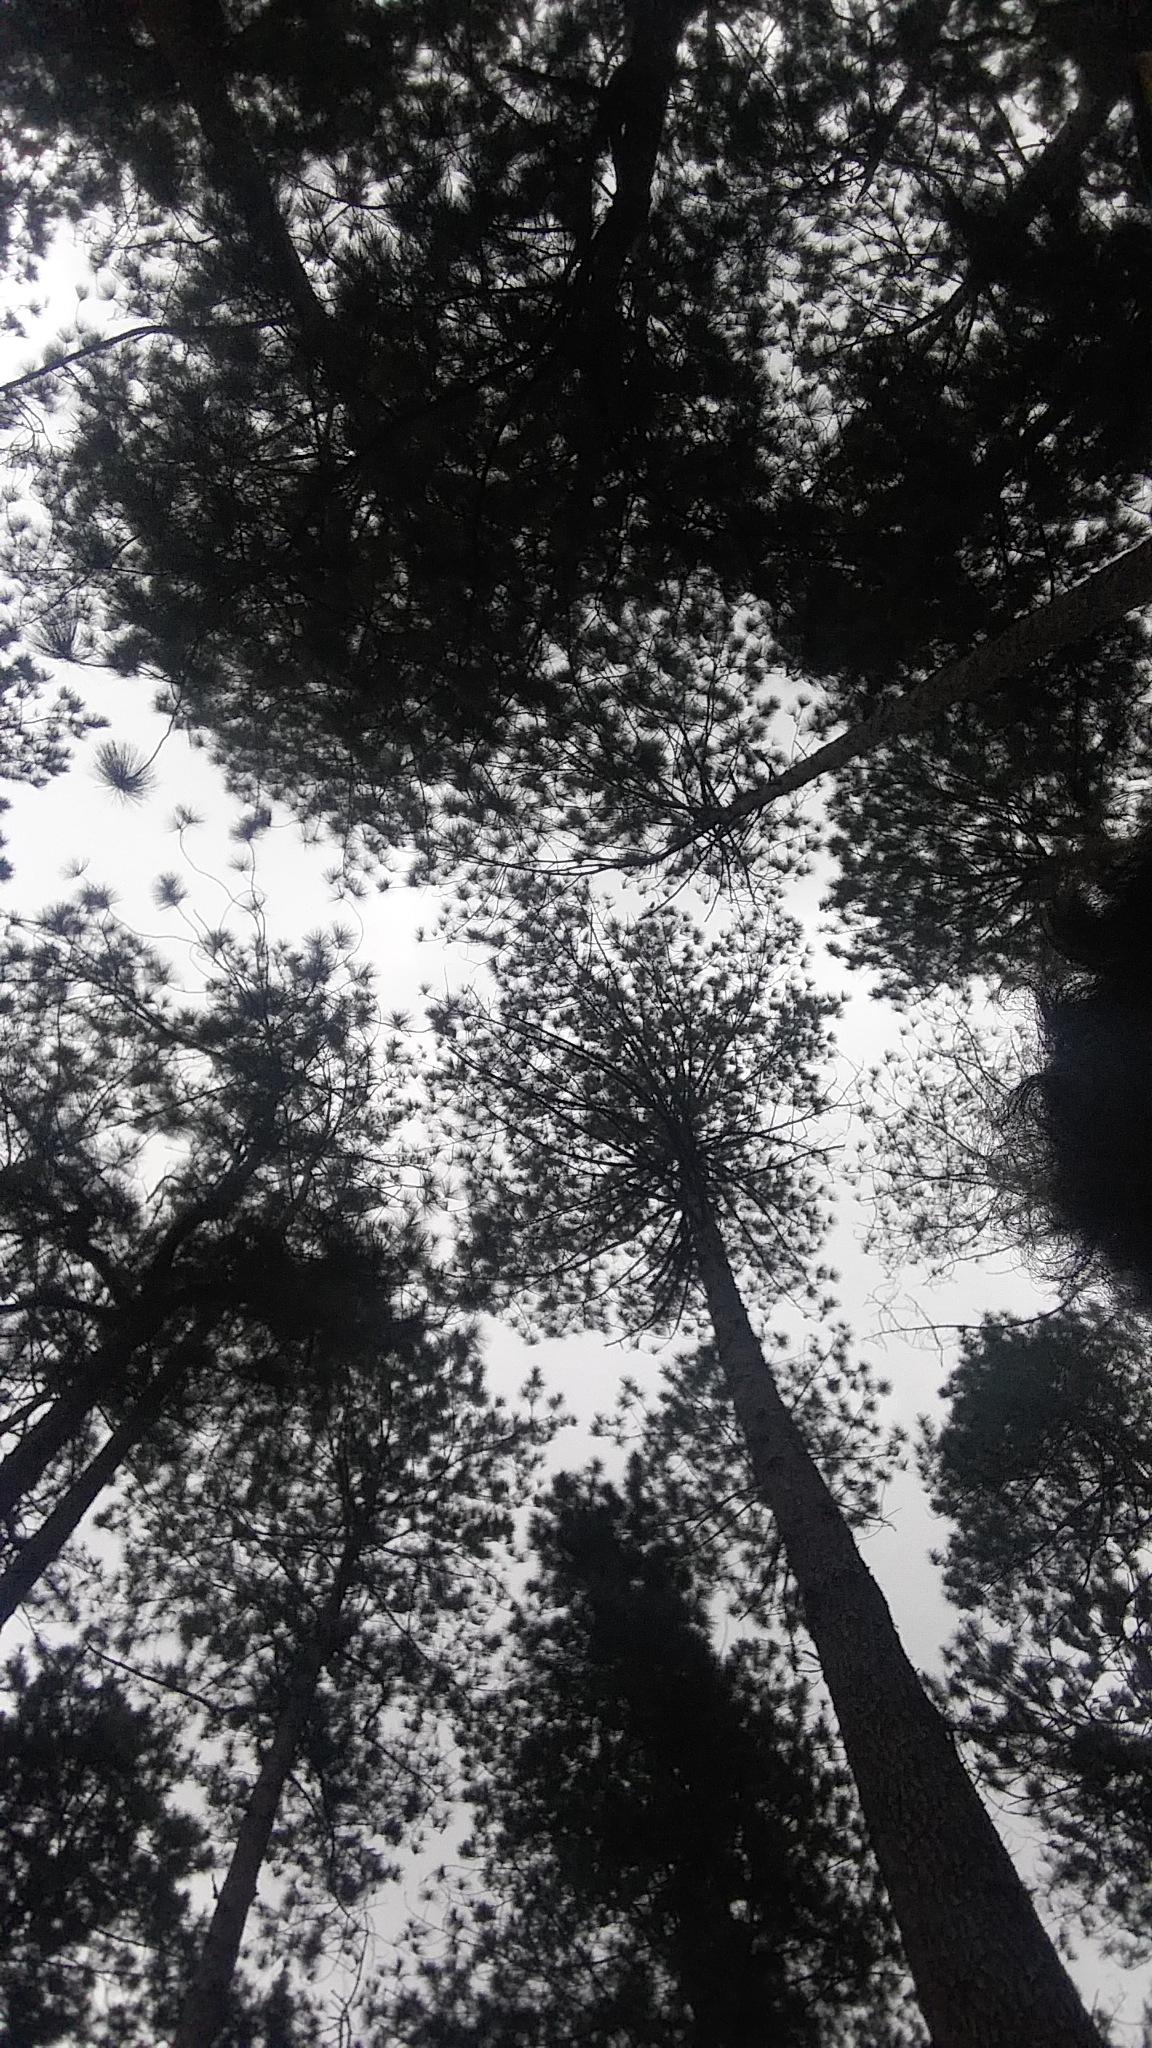 Pine by johnNIELDANAO